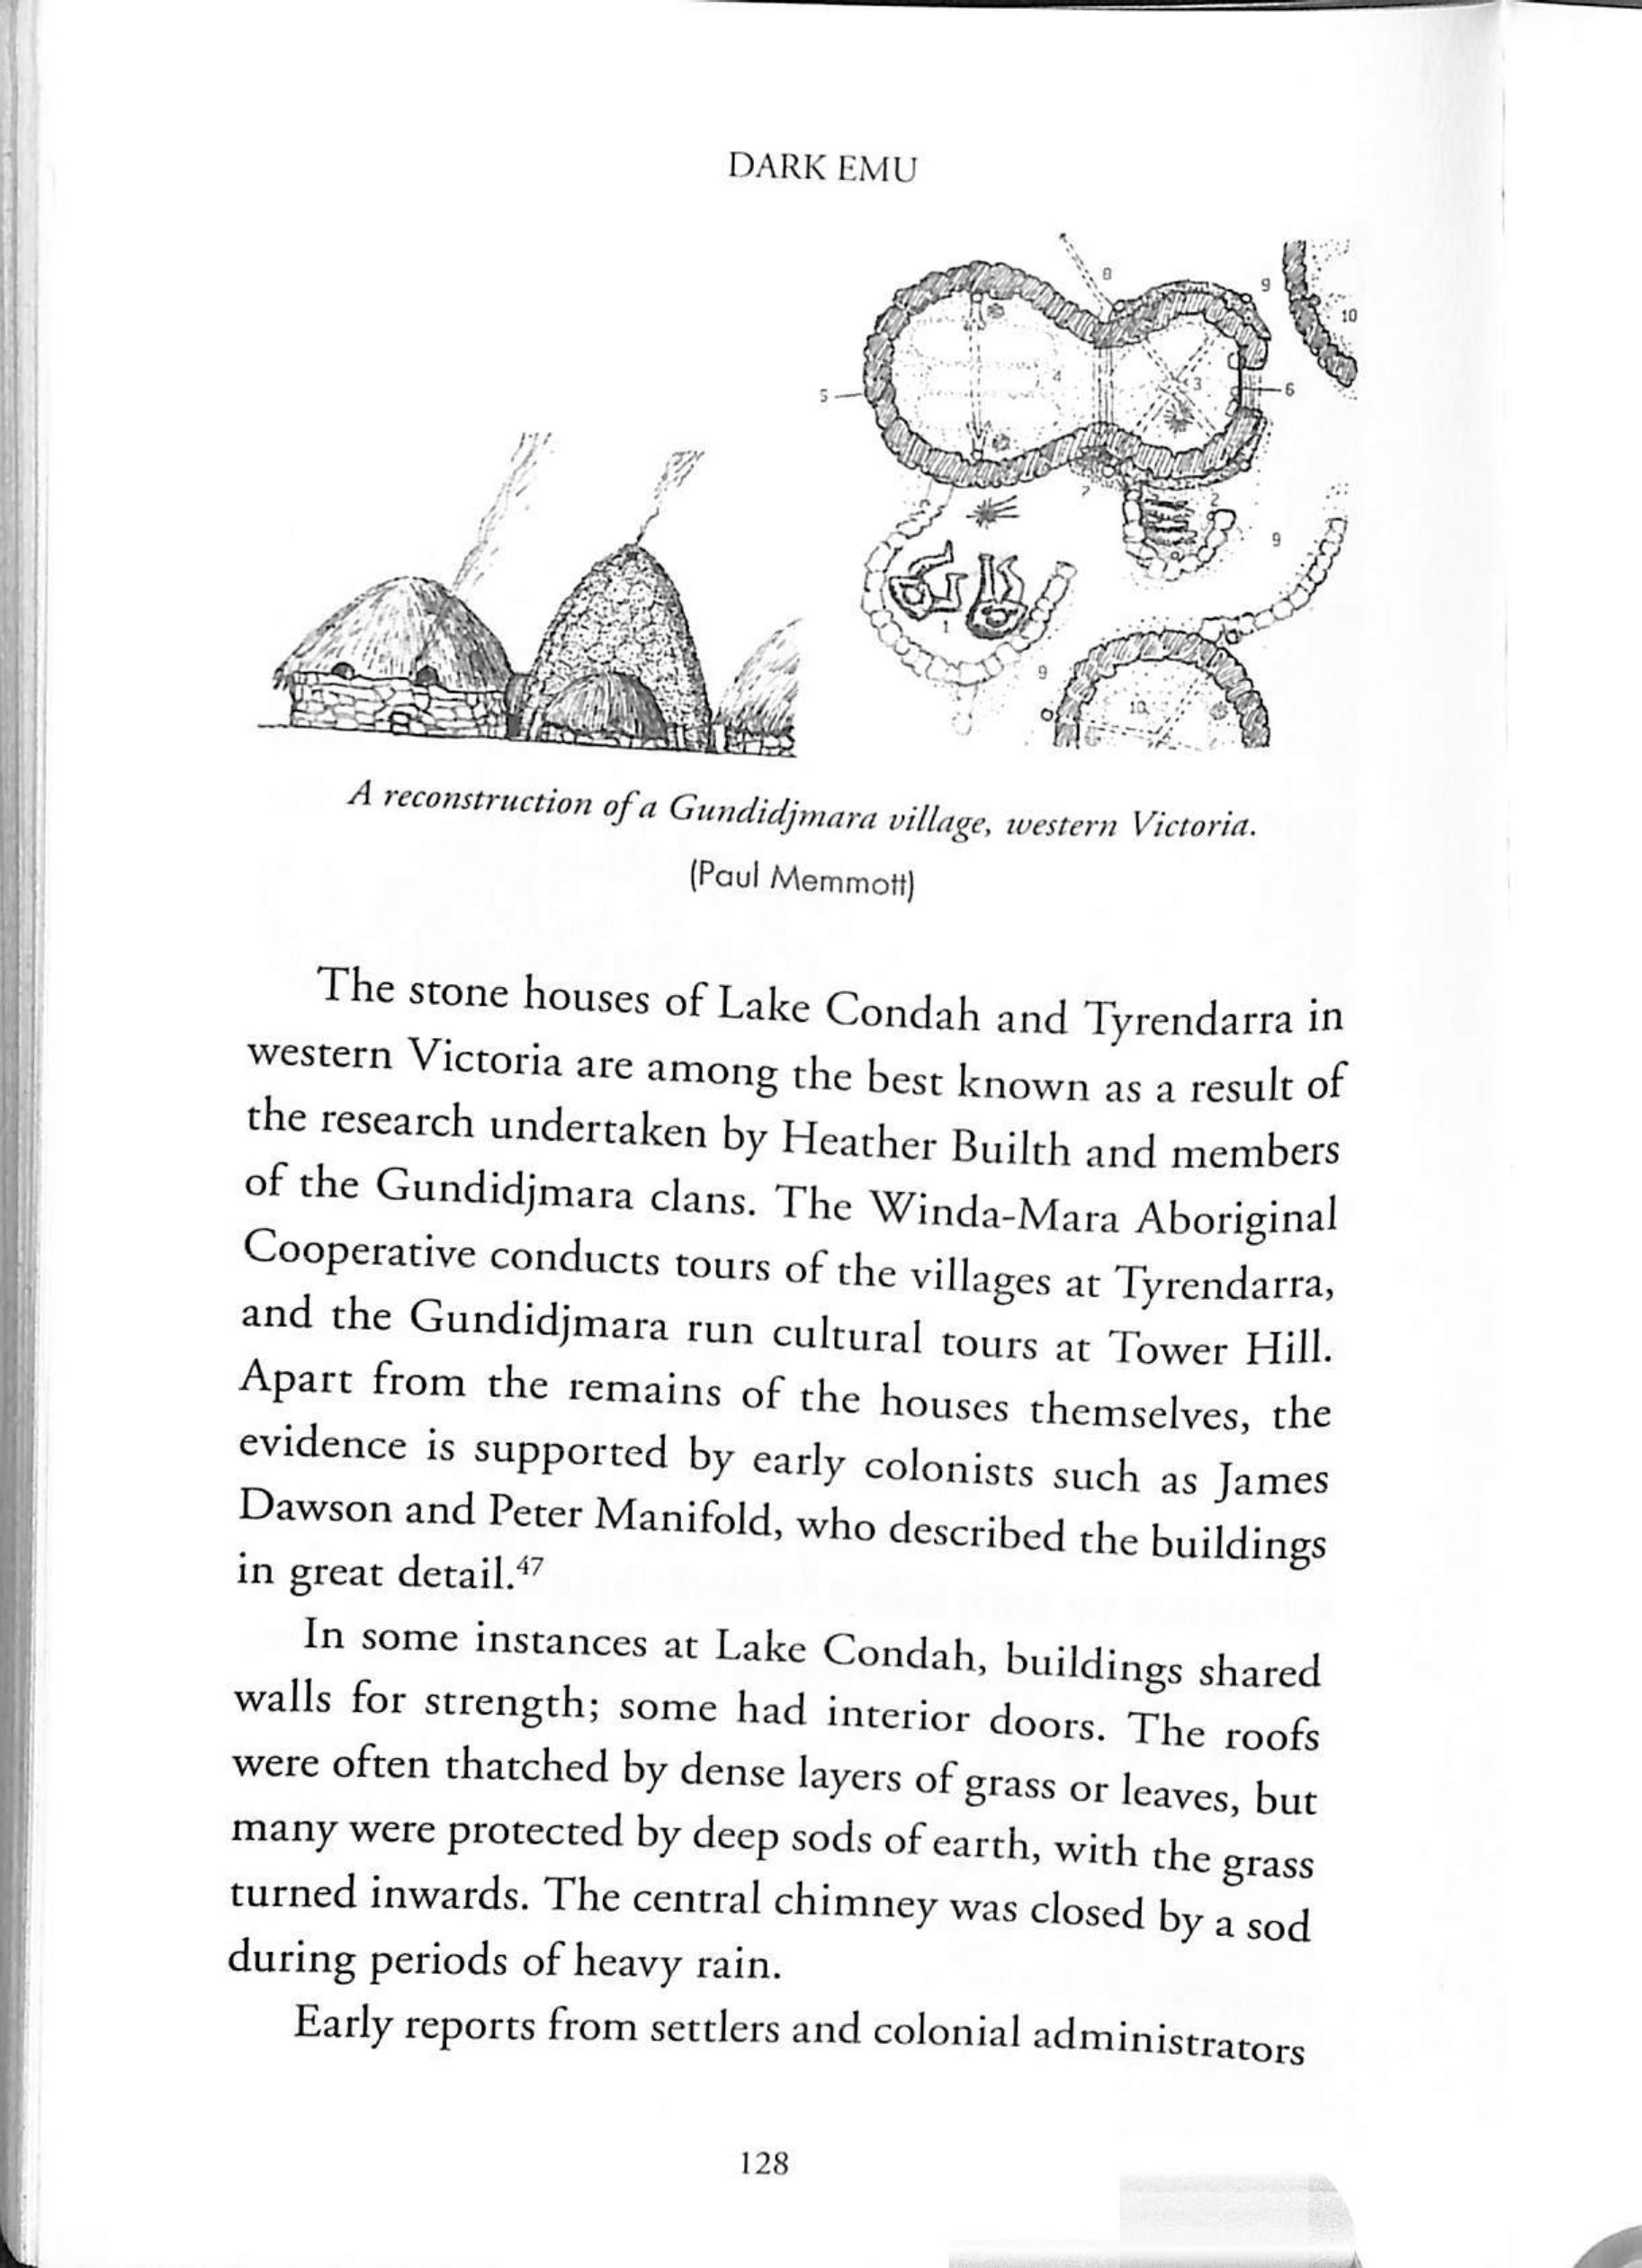 """Figure 1 : Caption reads,  """"A reconstruction"""" of a Gundidjmara village, western Victoria"""" [Paul Memmott]""""  -  Dark Emu , 2018 reprint, p128."""